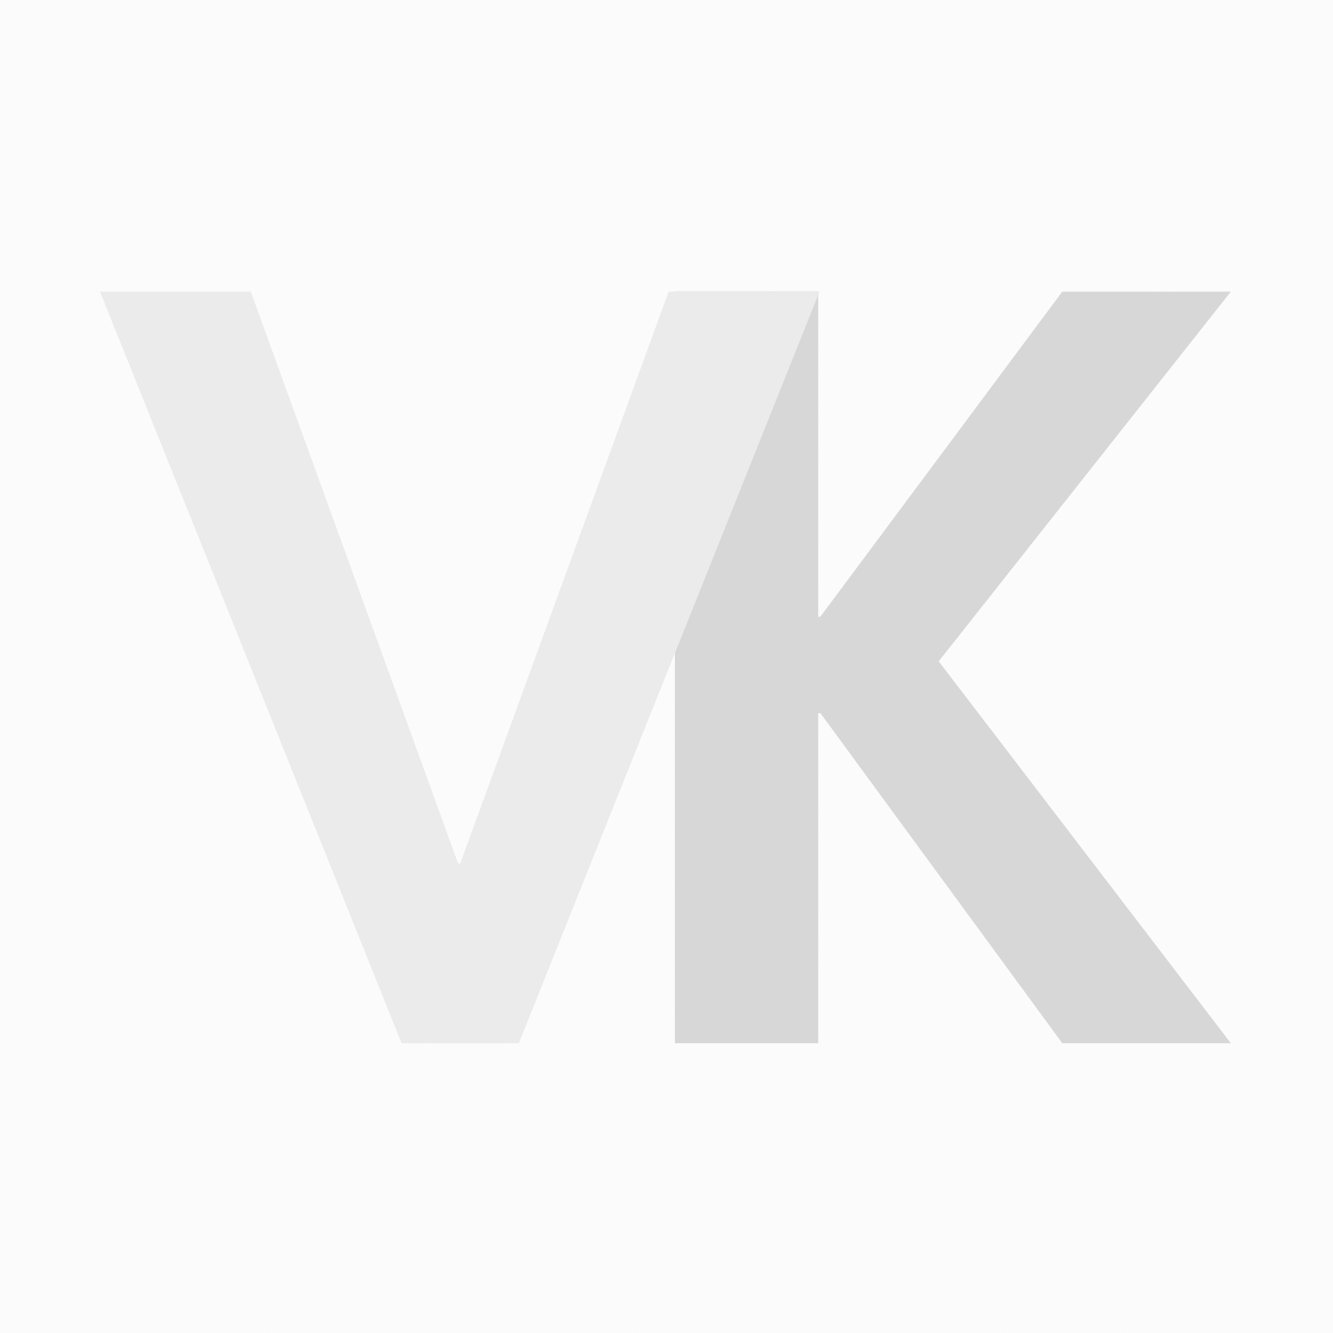 Kyone 480L Left Kappersschaar 5.5 Linkshandig